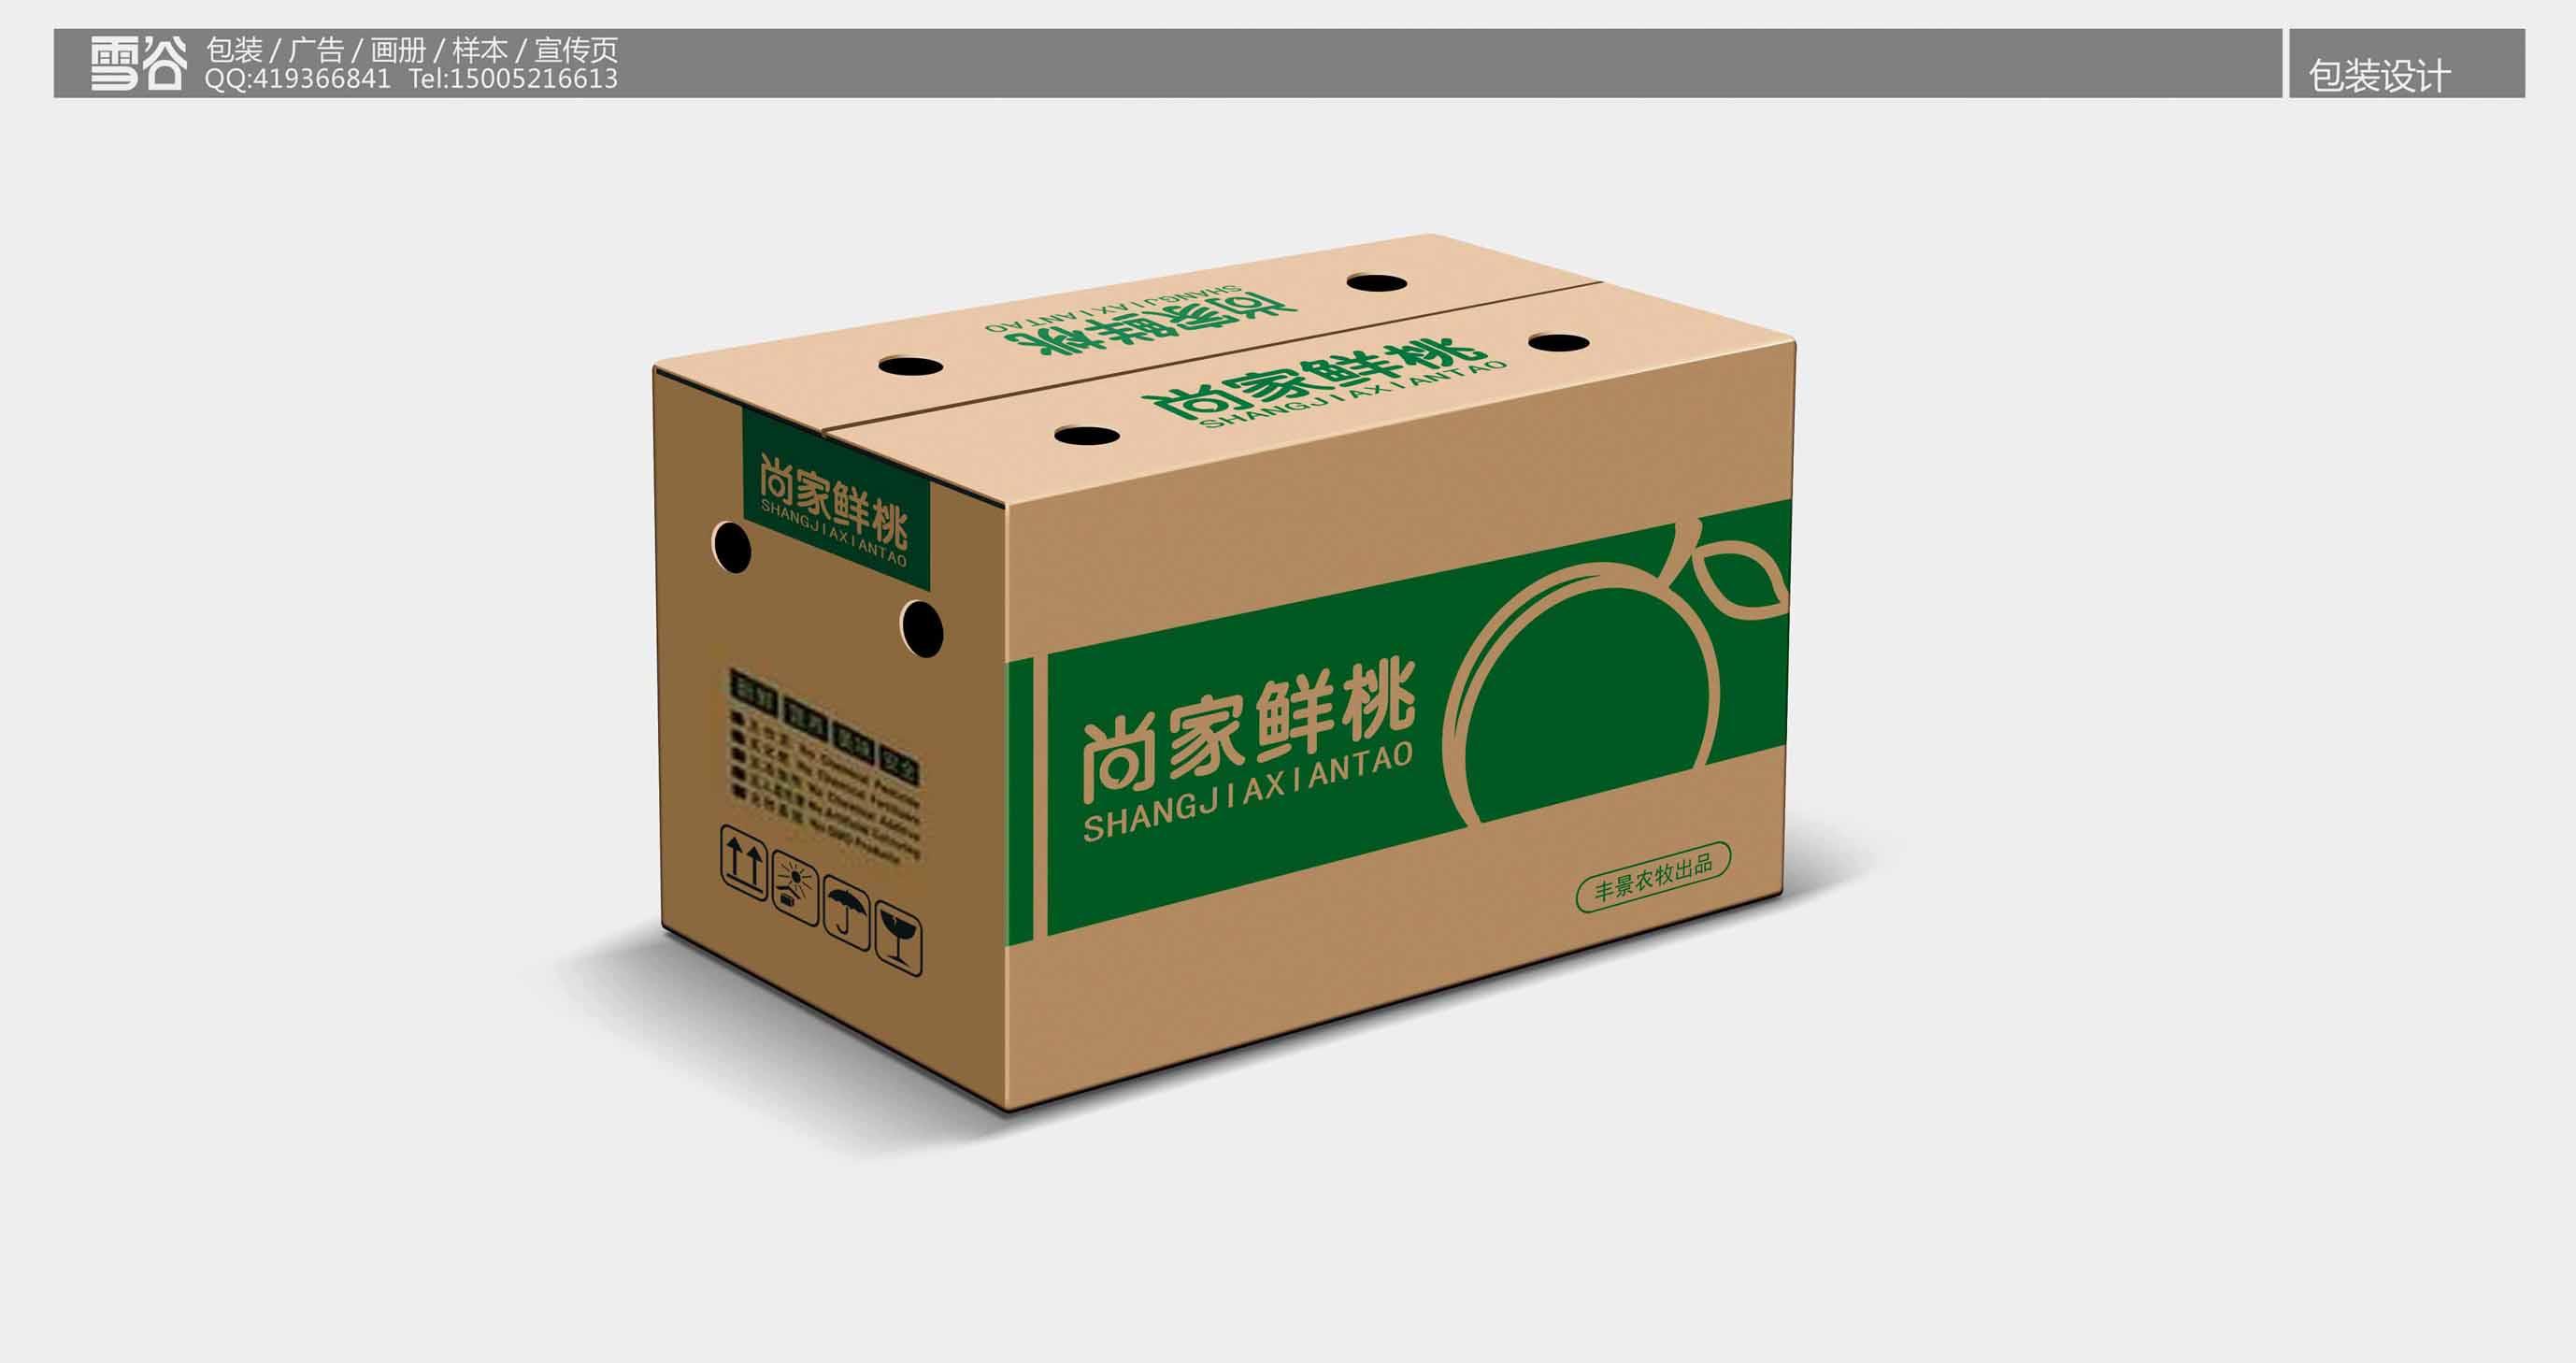 鲜桃水果箱子包装设计